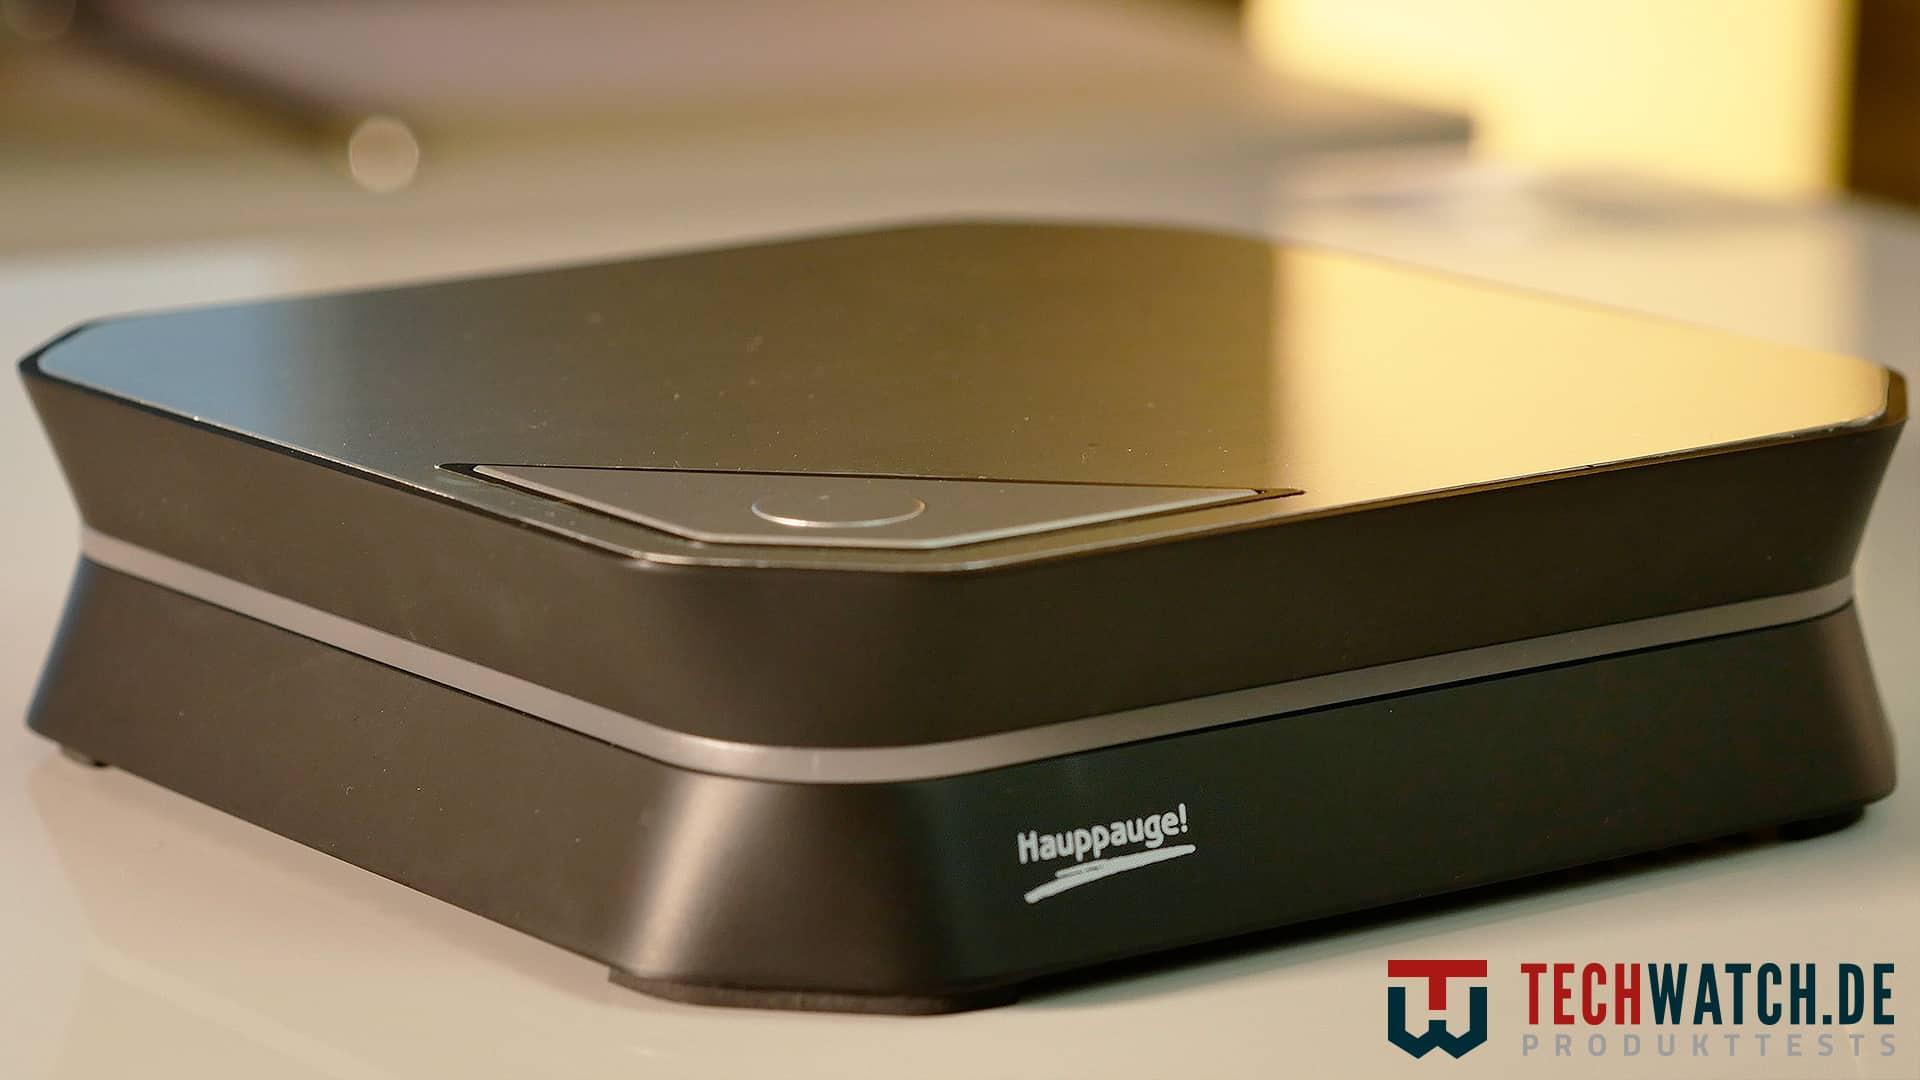 Hauppauge HD PVR60 Seitenansicht